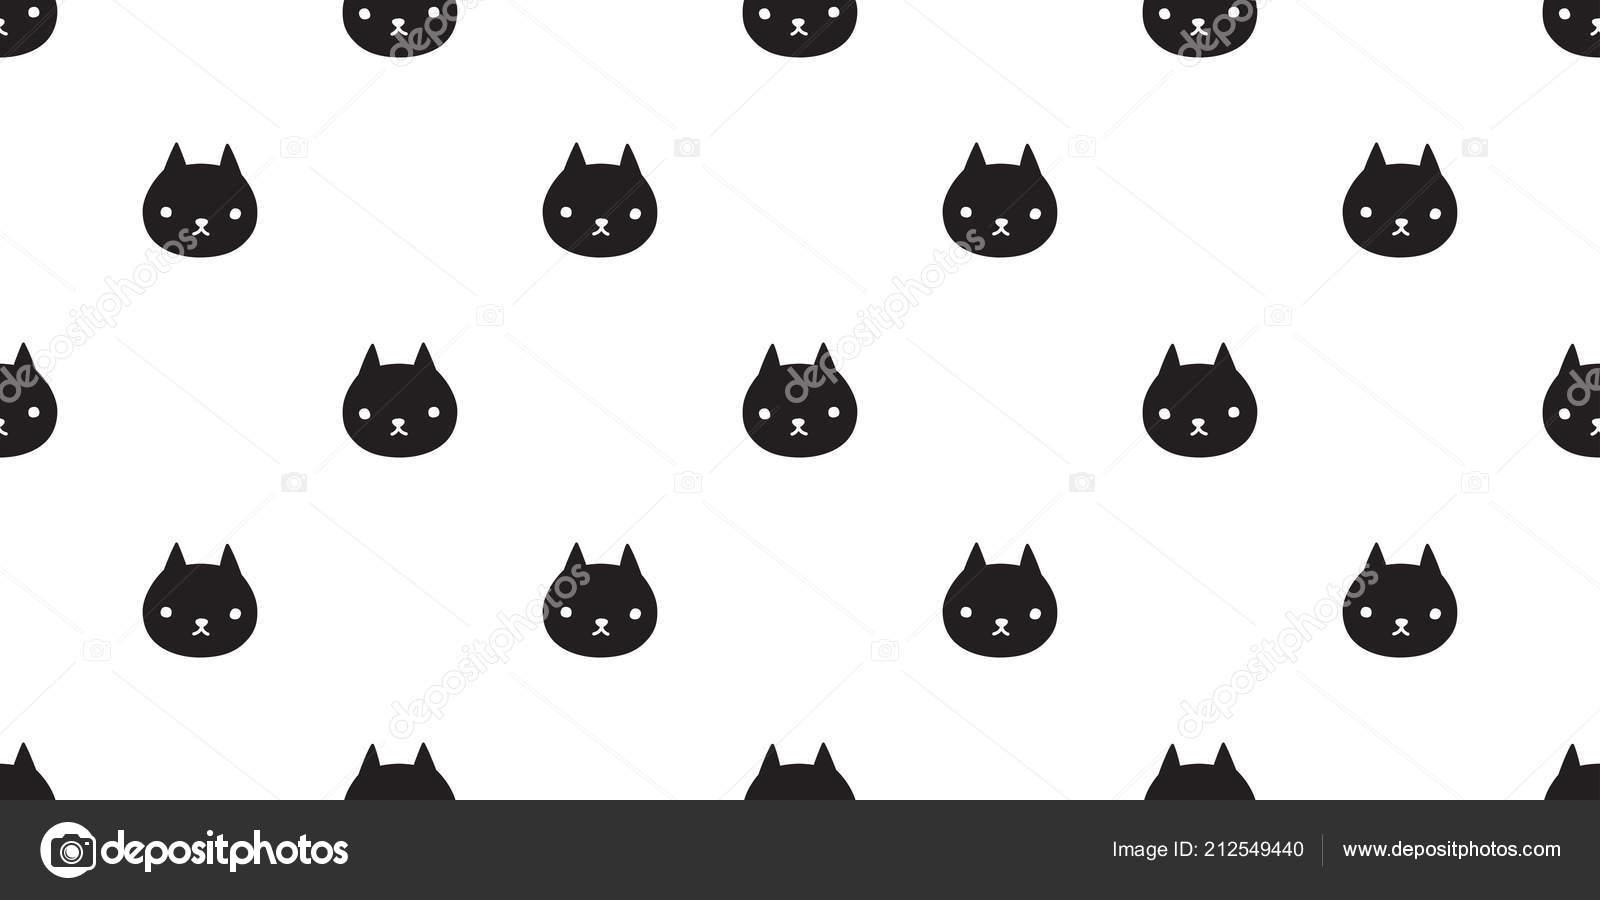 Cat Seamless Pattern Vector Kitten Calico Halloween Isolated